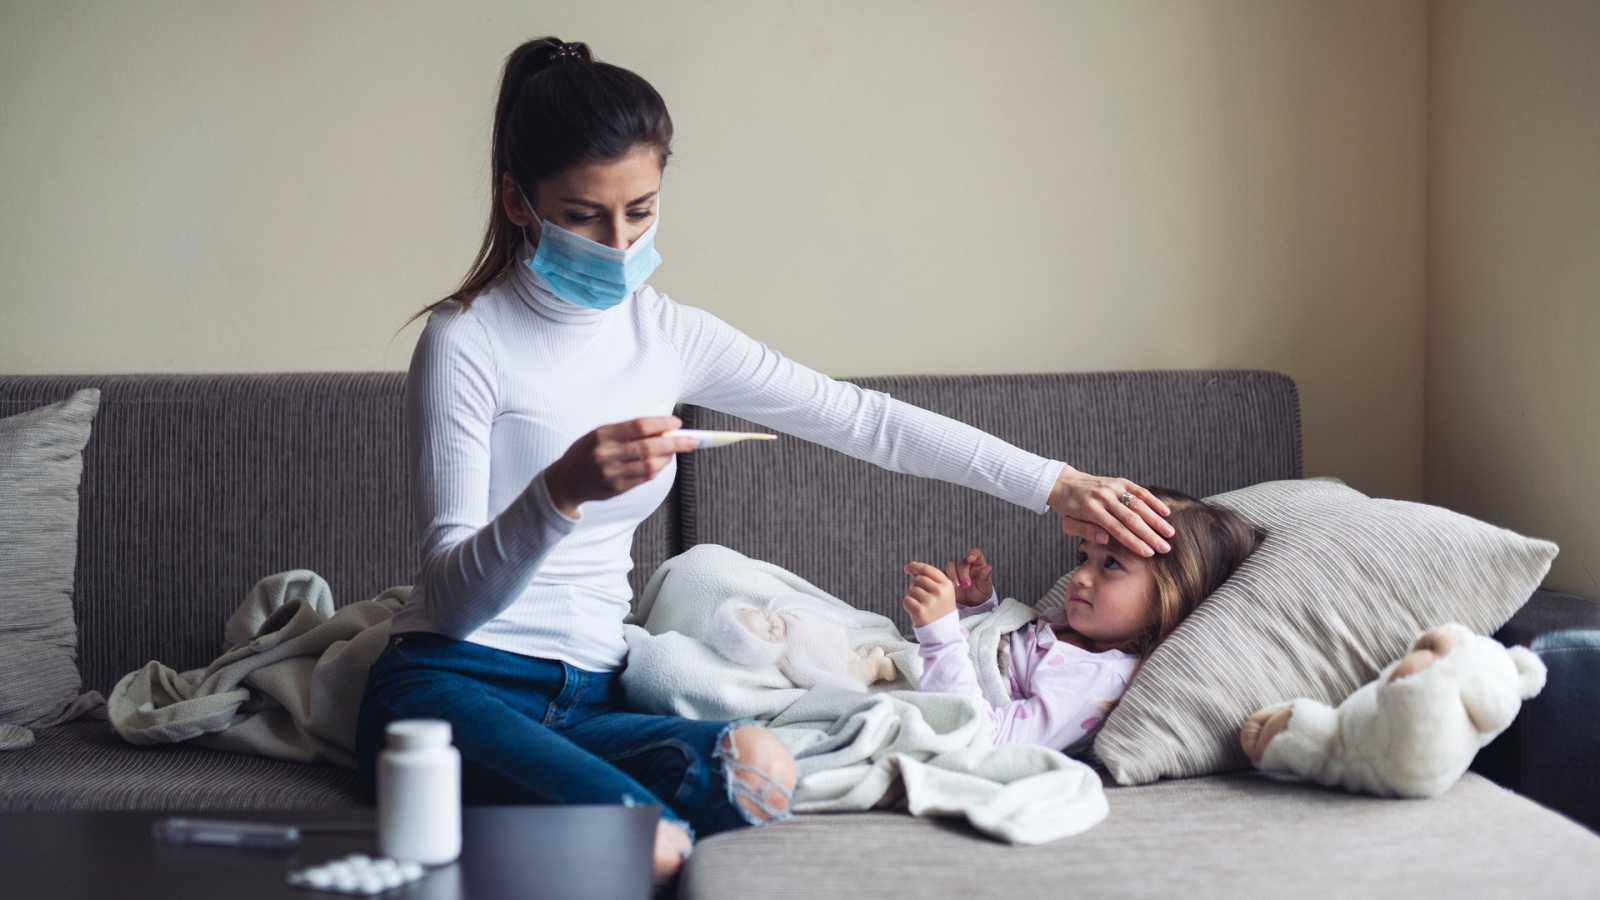 Diferencia entre los síntomas de la gripe y coronavirus